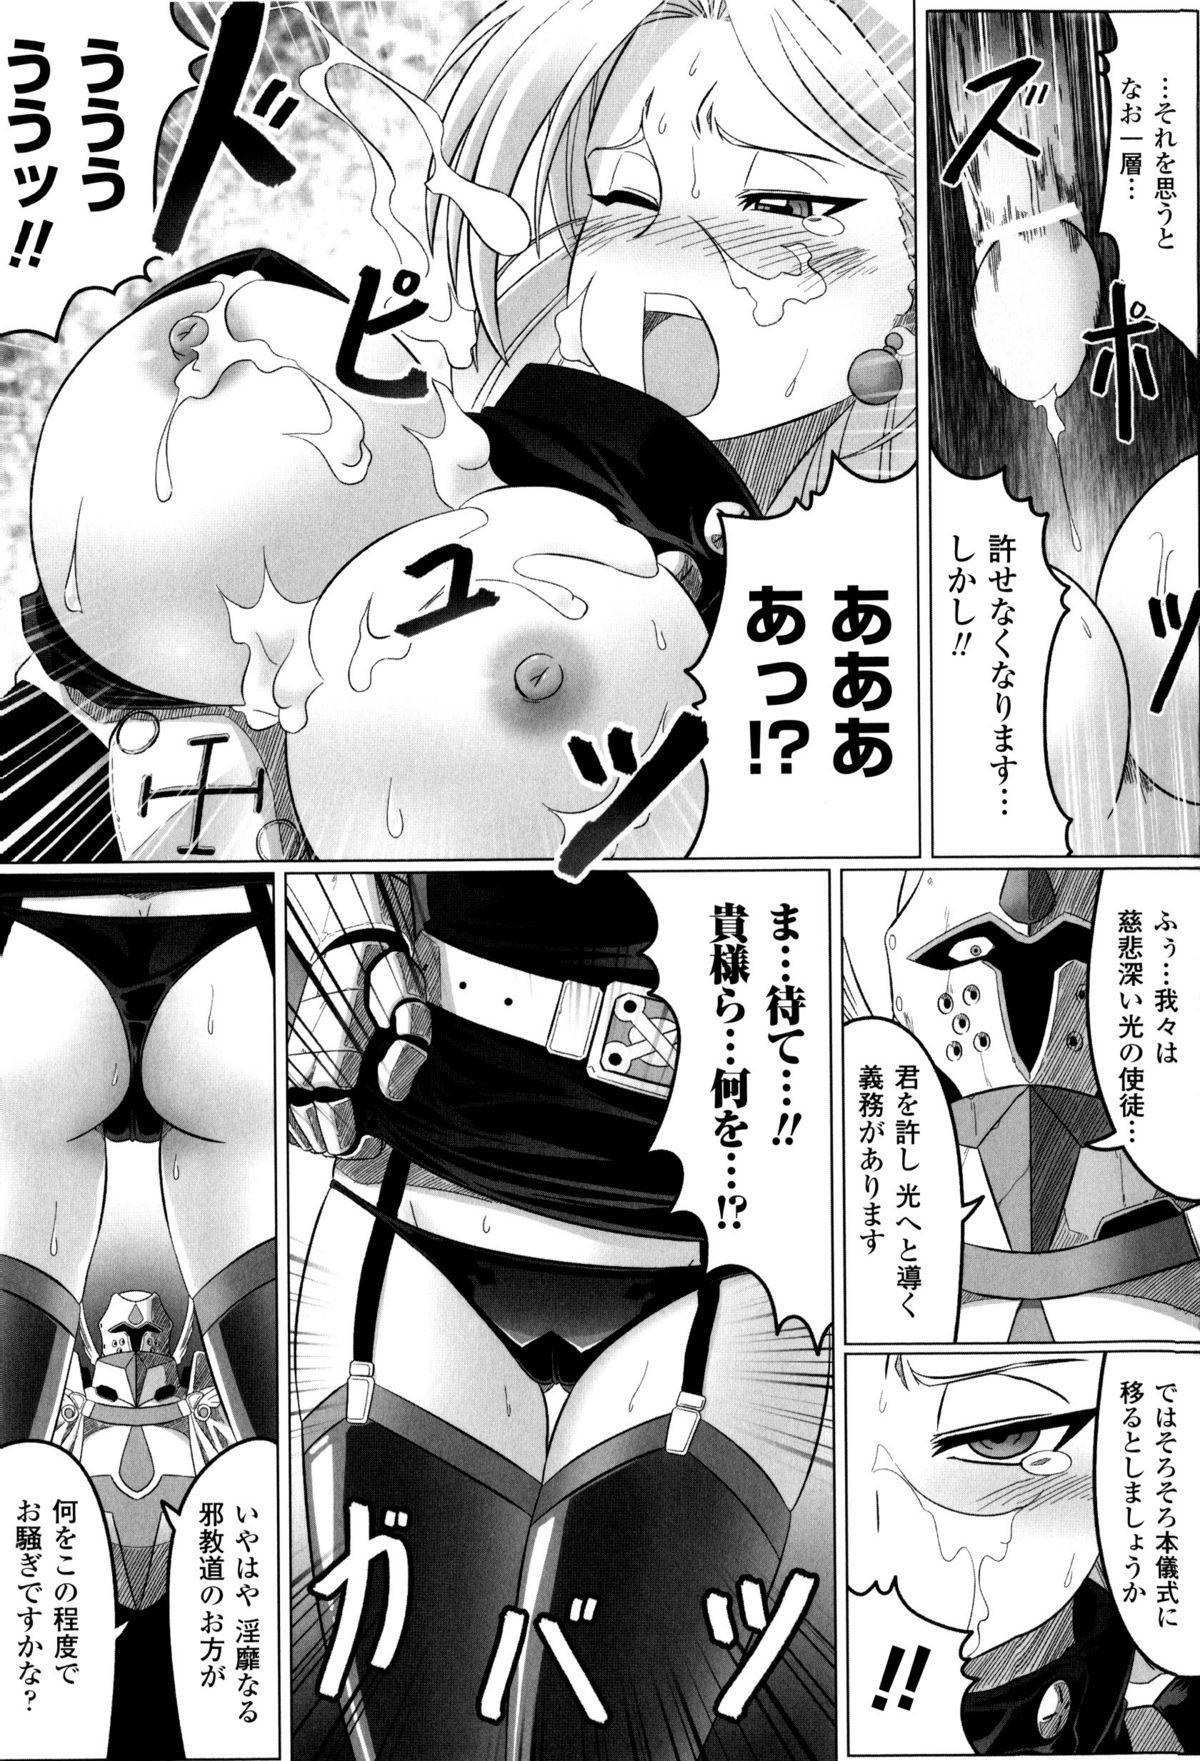 Toushin Engi Vol. 8 141